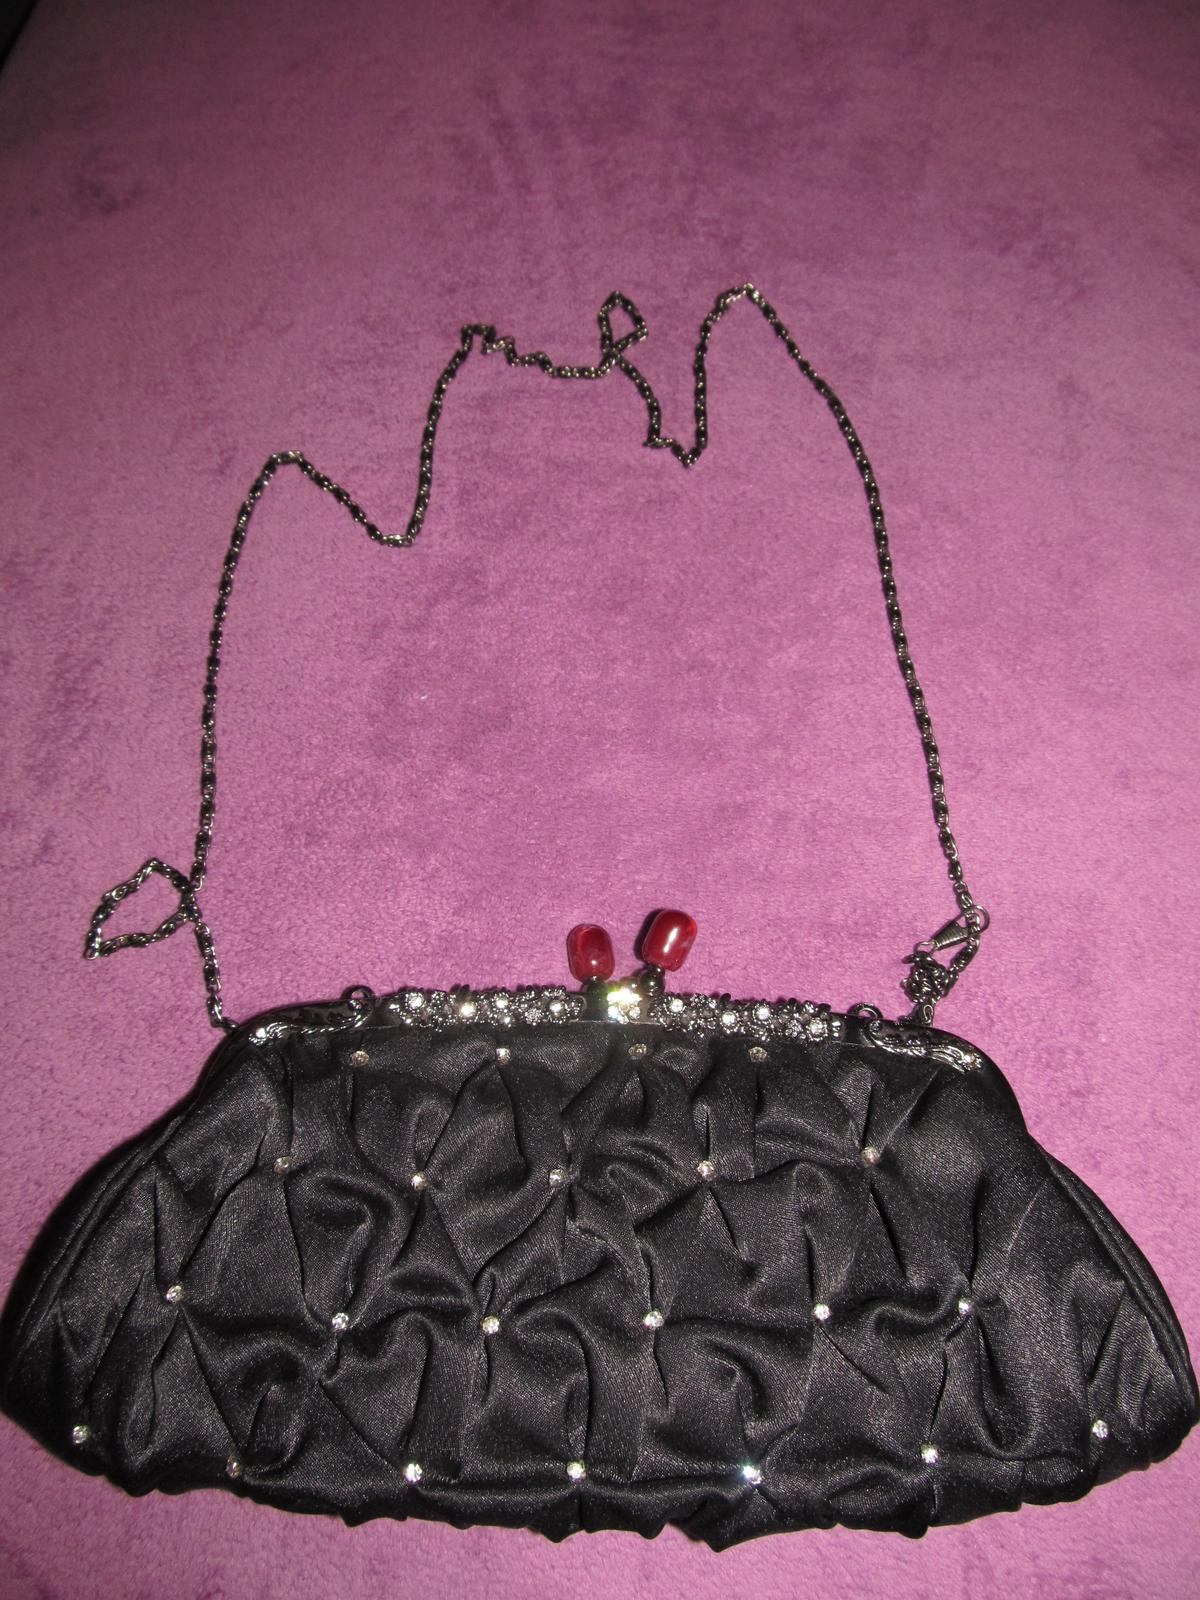 čierna príležitostná kabelka - Obrázok č. 2